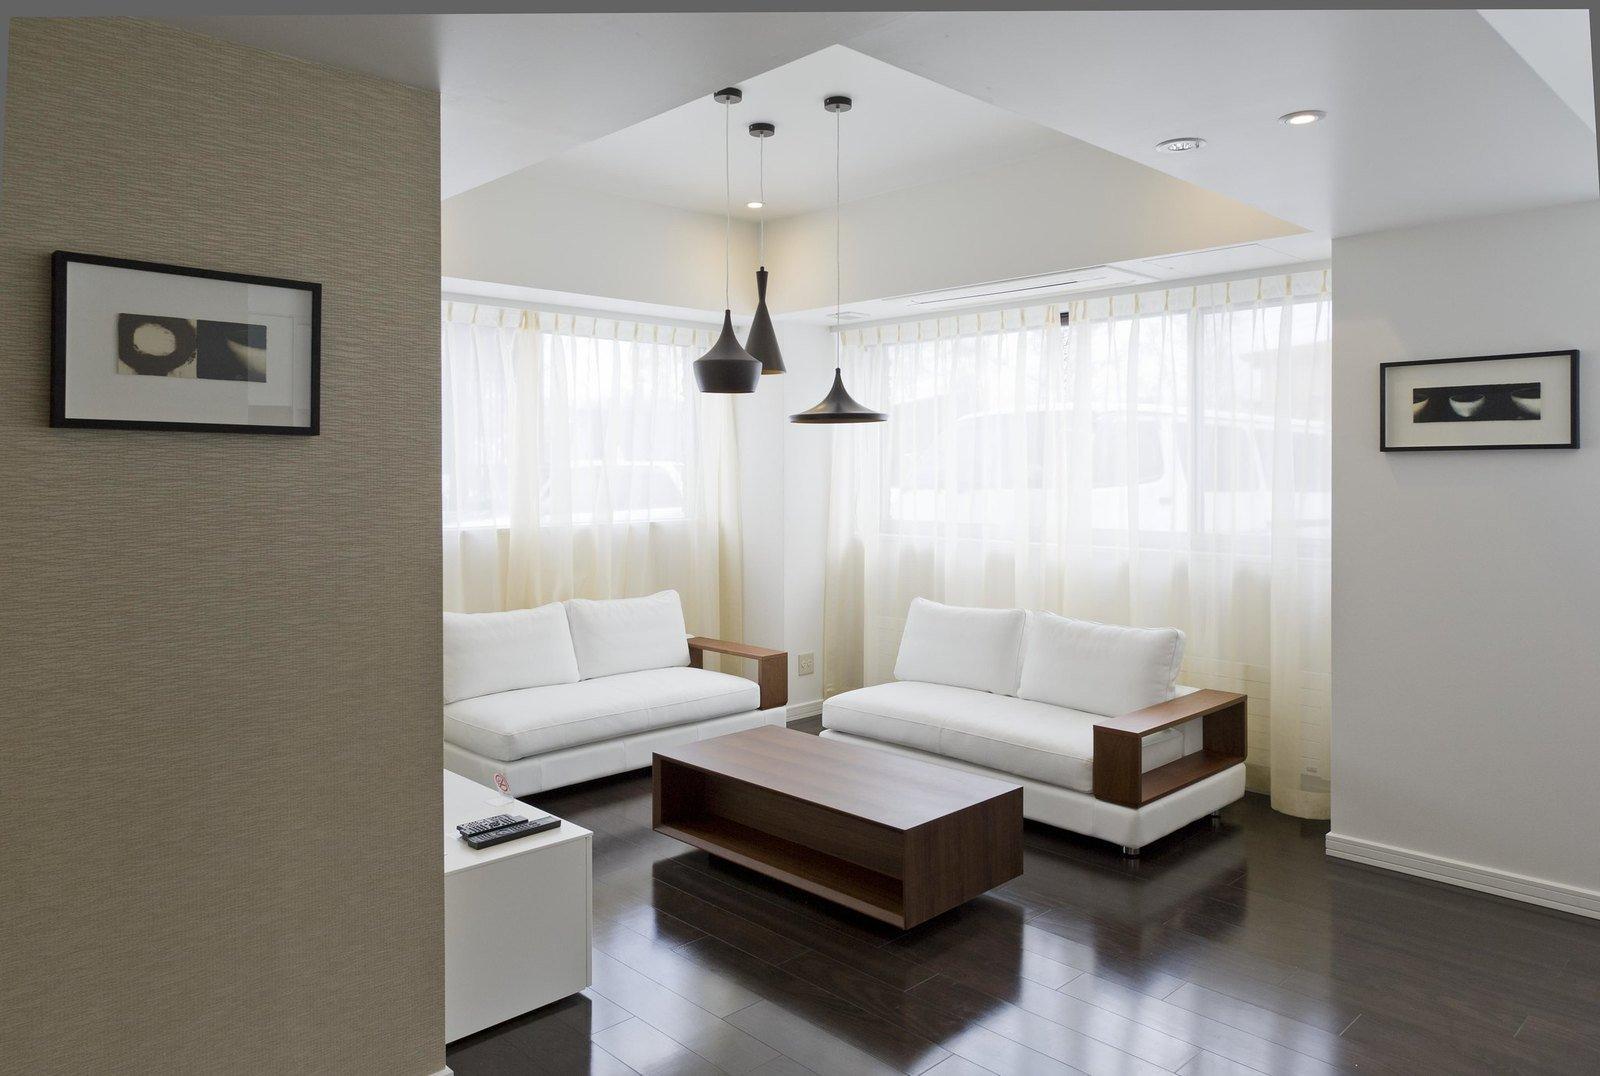 A 1 bedroom Premium apartment in Kizuna, Niseko.